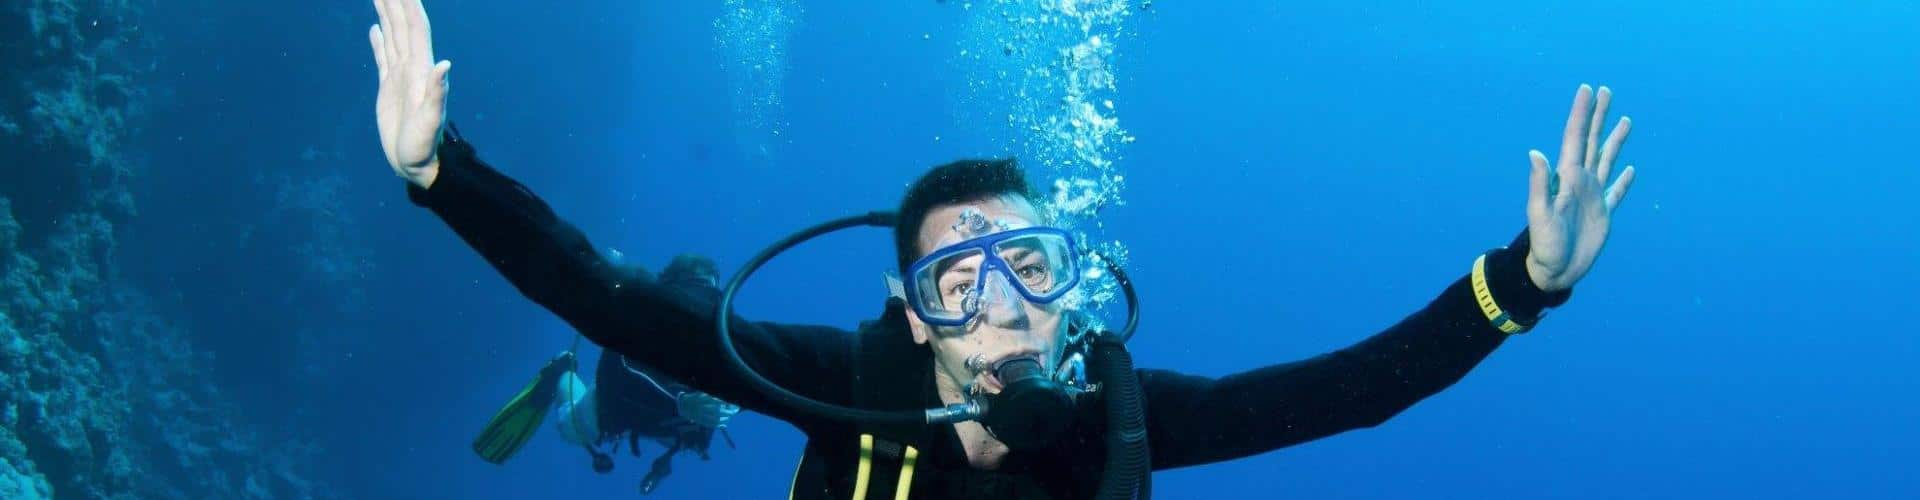 Cursos de buceo PADI en Calpe Dive & Dive centro de buceo 5* IDC